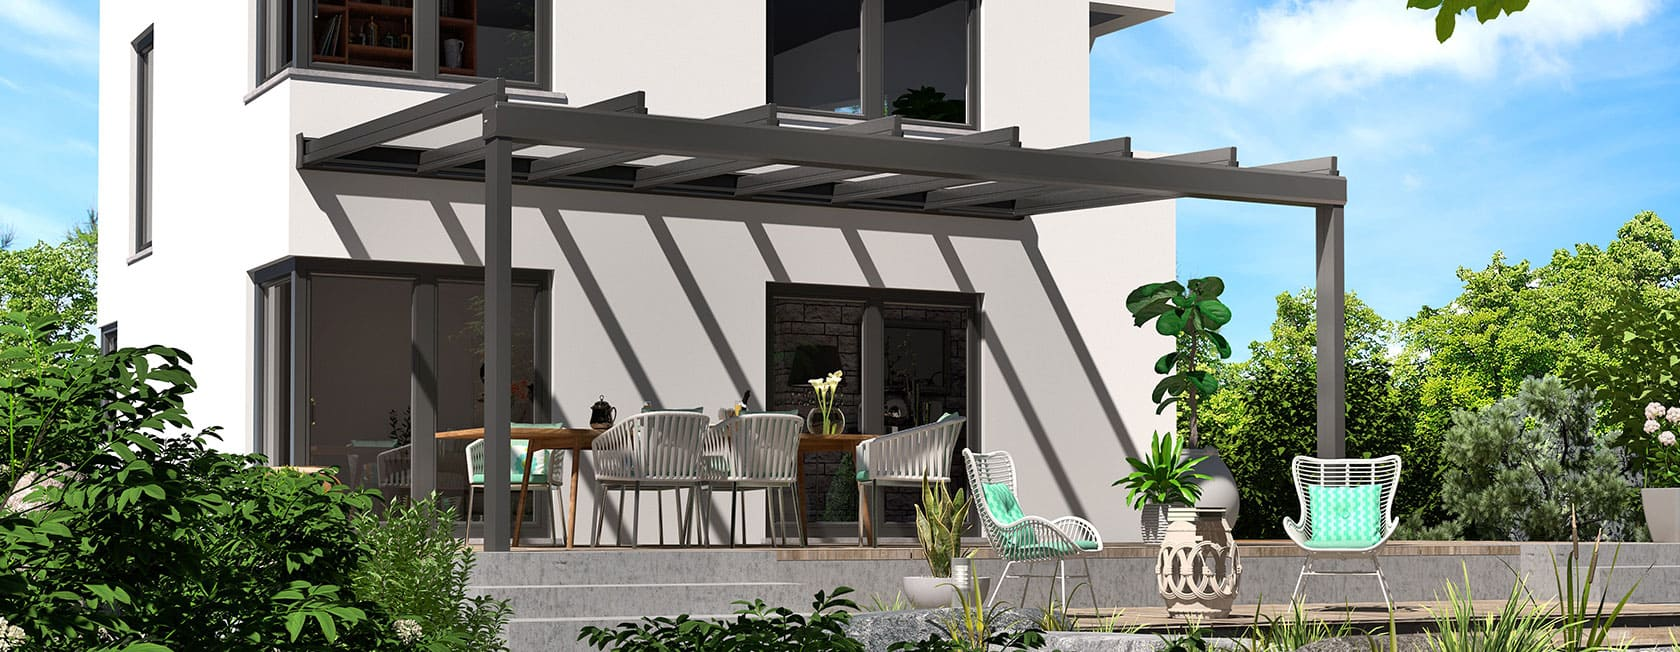 ERHARDT Terrassendach mit cubischen Sparren